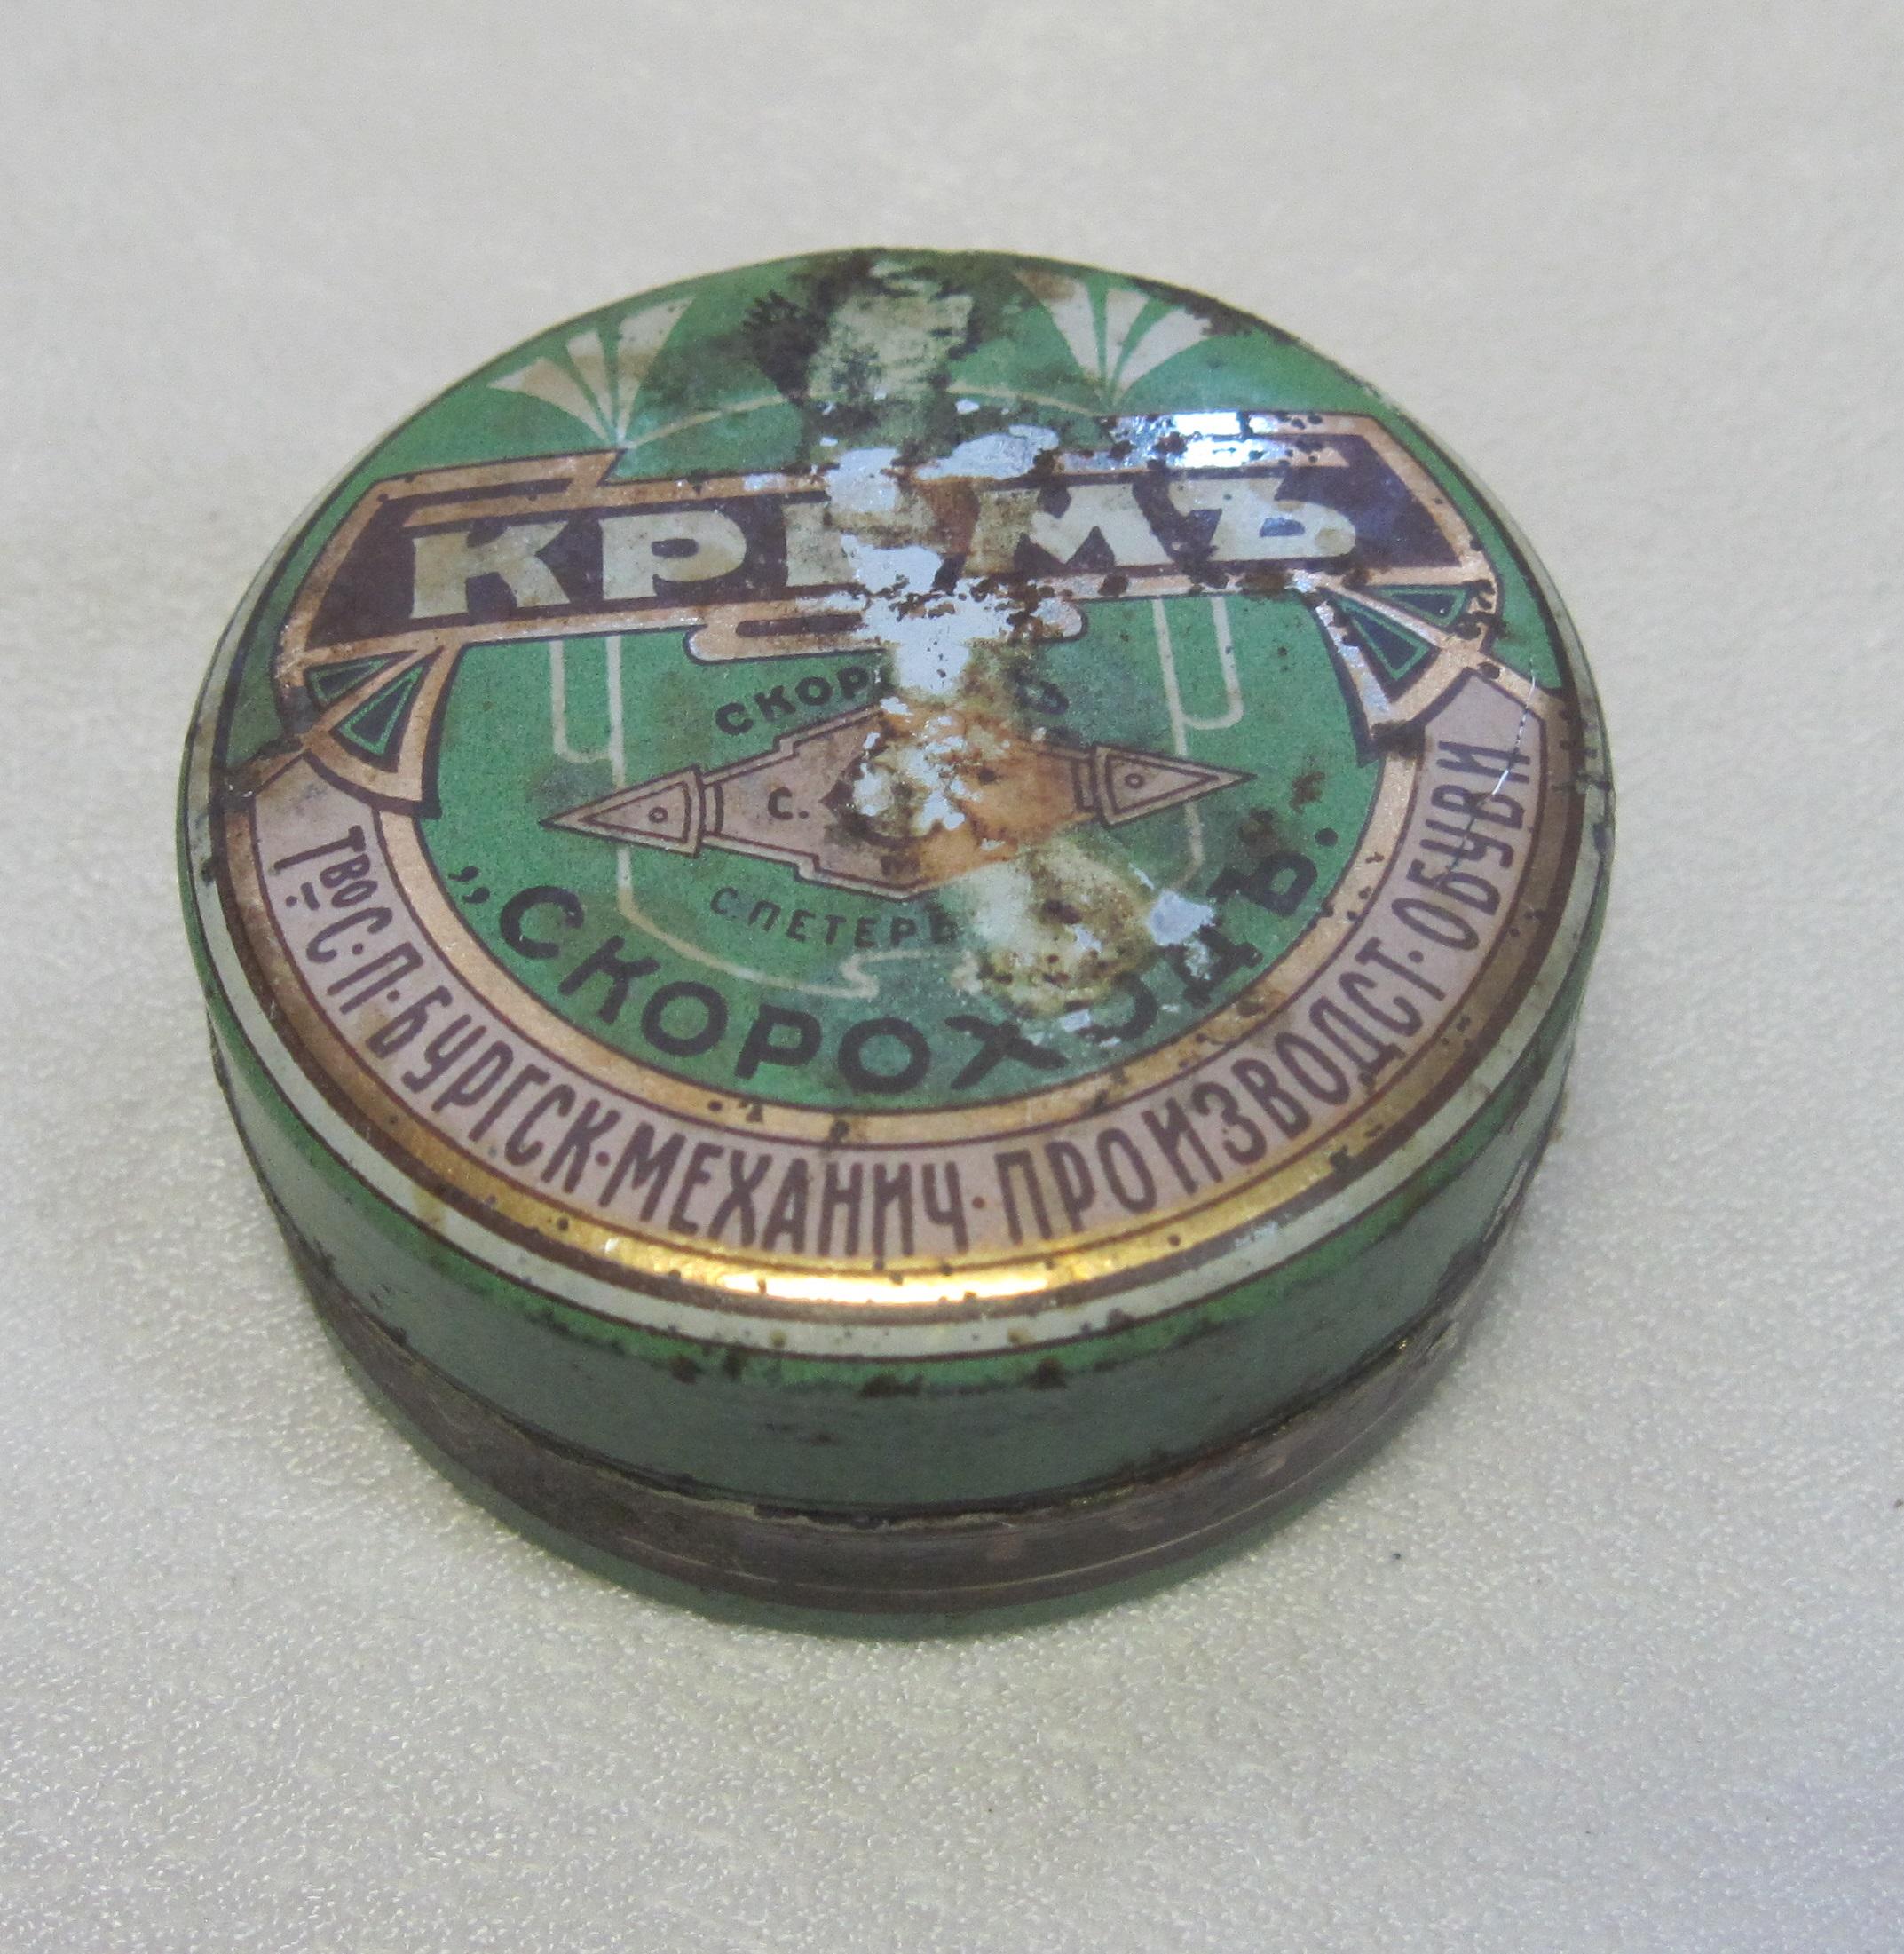 Банка жестяная. Упаковка для обувного крема «Скороходъ».<br /> Период создания: конец ХIХ — начало ХХ вв.<br /> Материал, техника: Жесть, штамповка, вальцовка.<br /> Размер: d - 5.3 см.h -2.3 см.